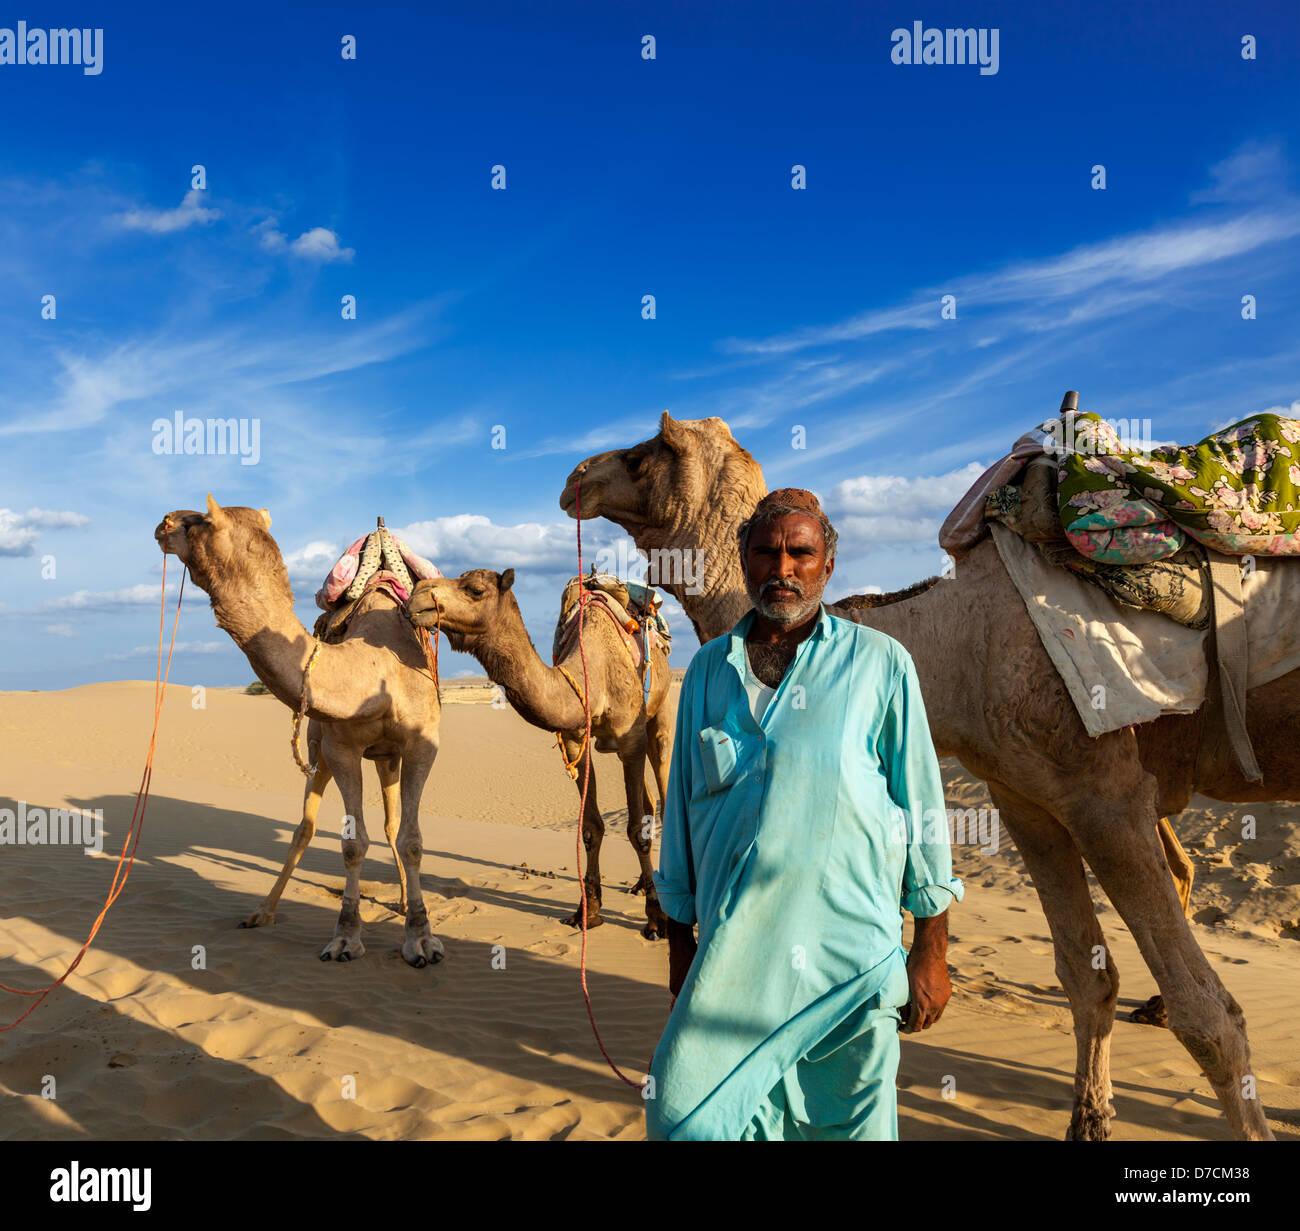 Contexte - Rajasthan indien chamelier (chamelier) portrait avec des chameaux dans les dunes du désert du Thar. Photo Stock